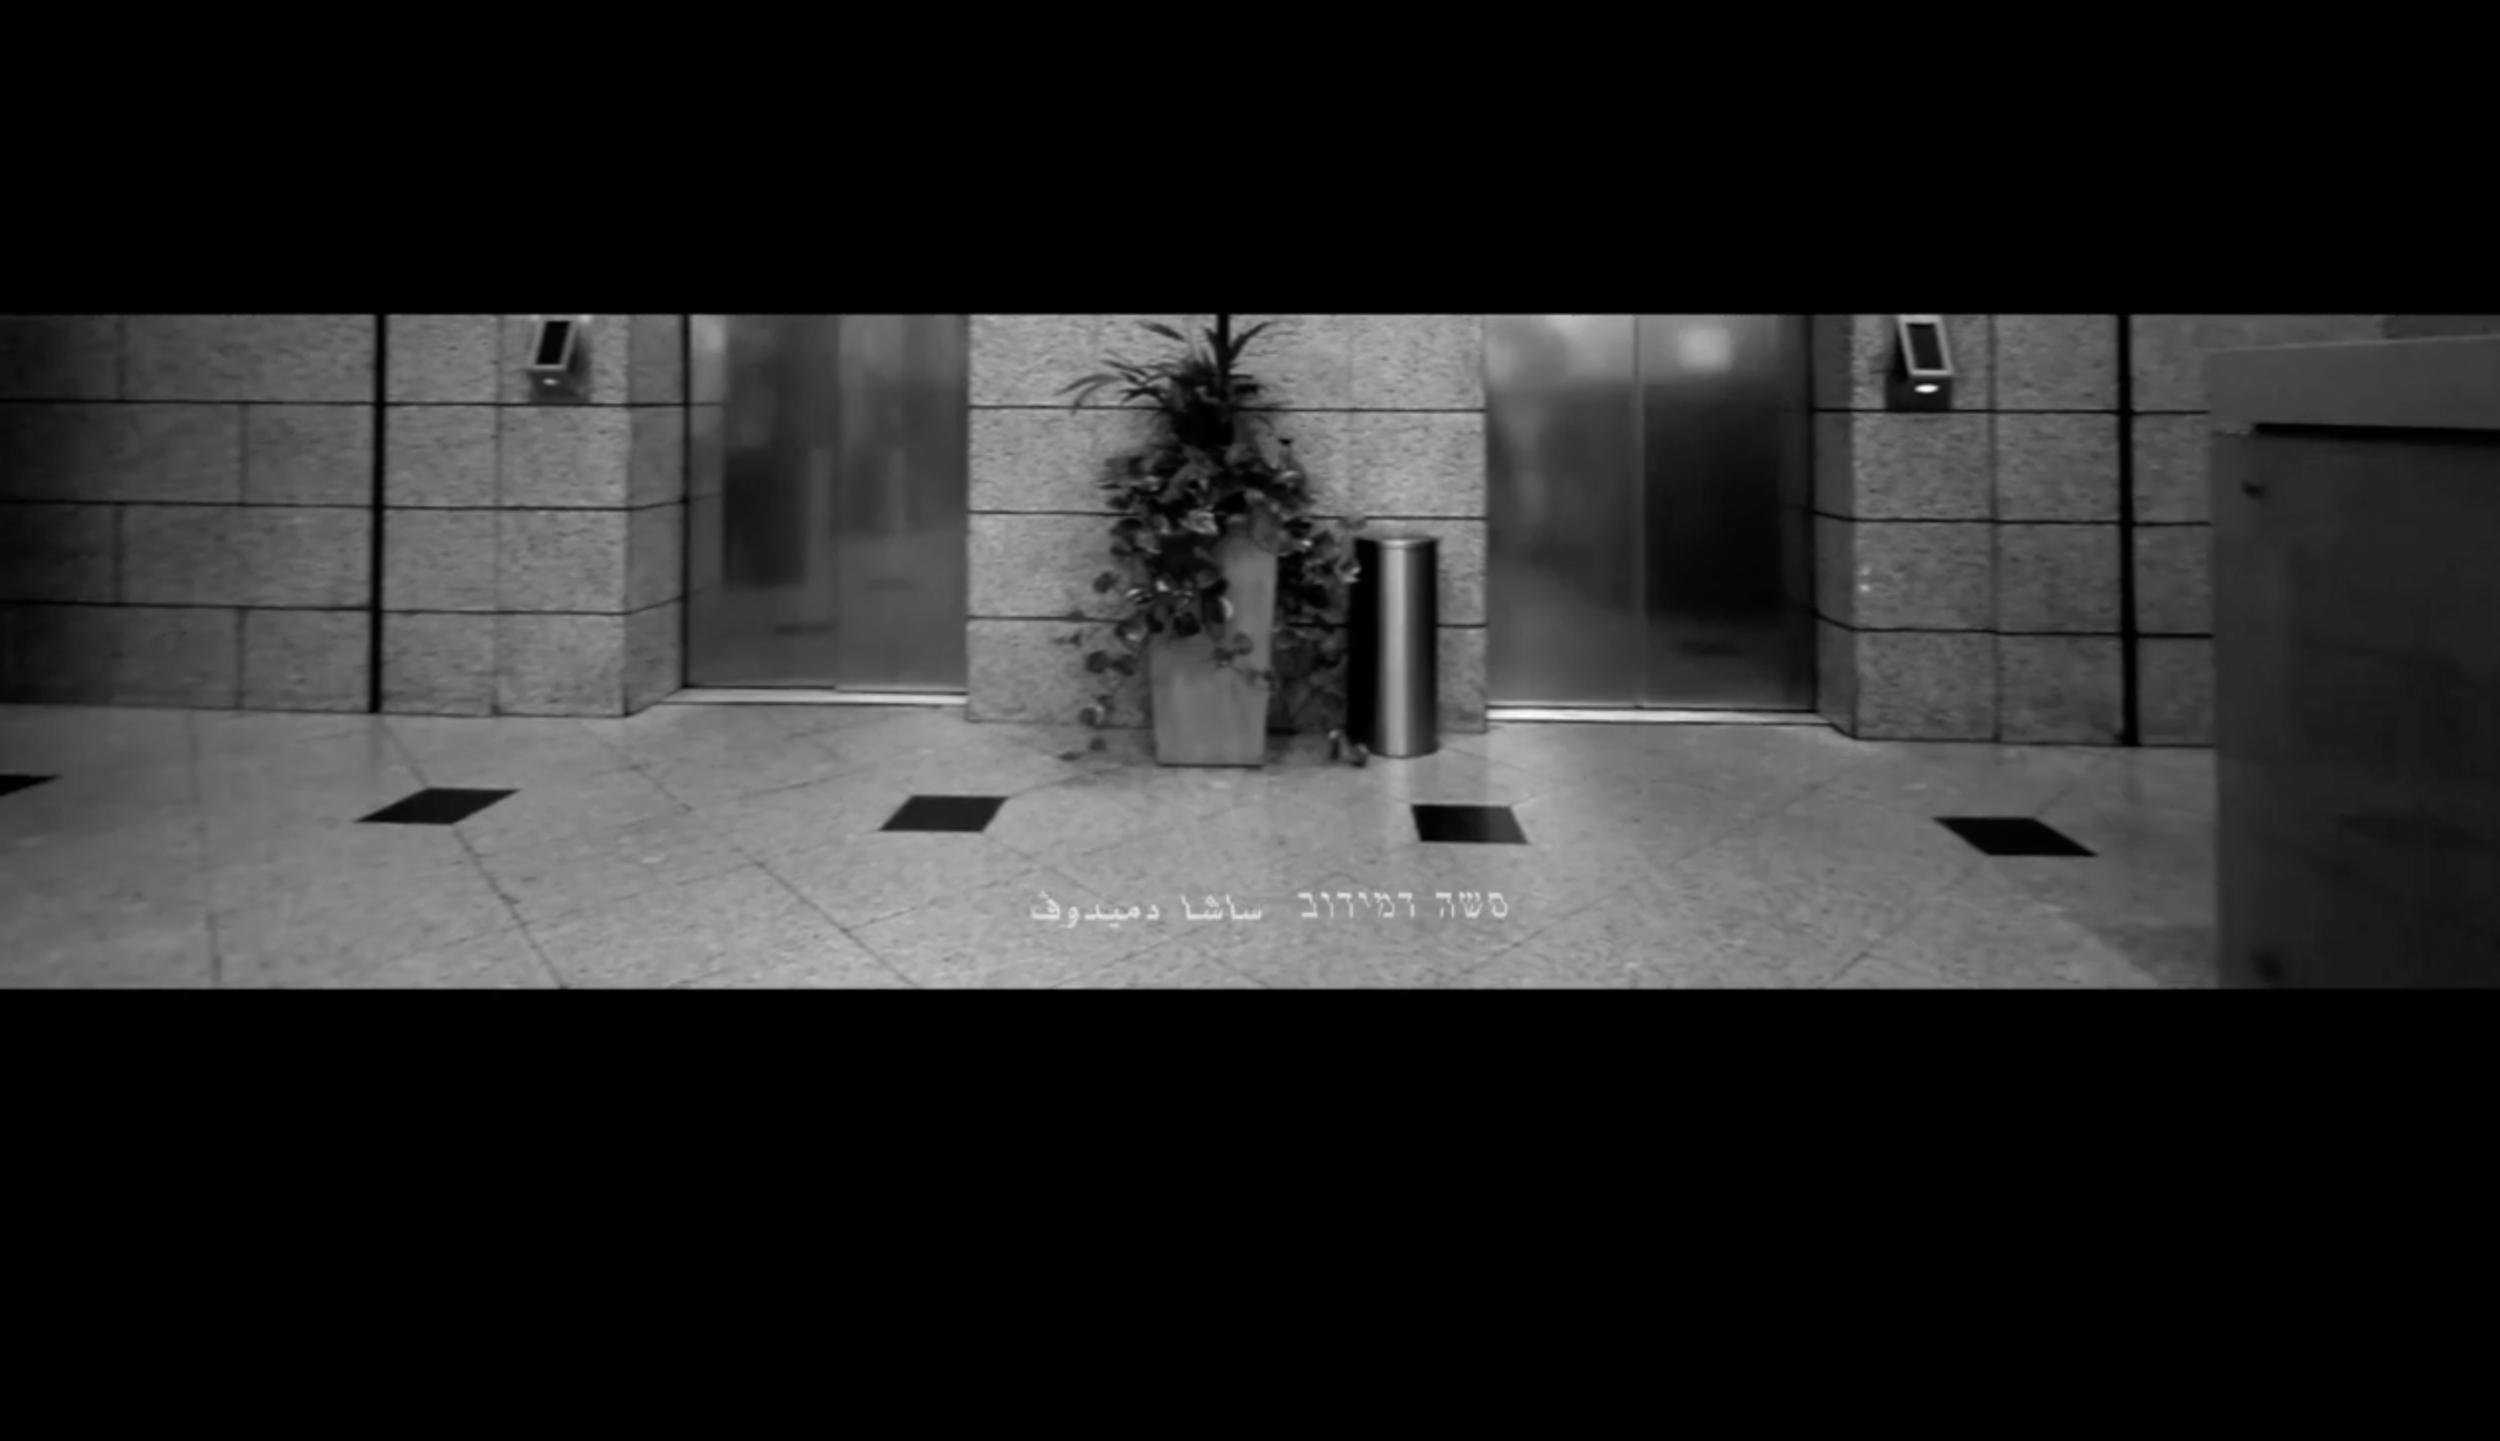 Screen Shot 2016-11-12 at 2.19.30 PM.png